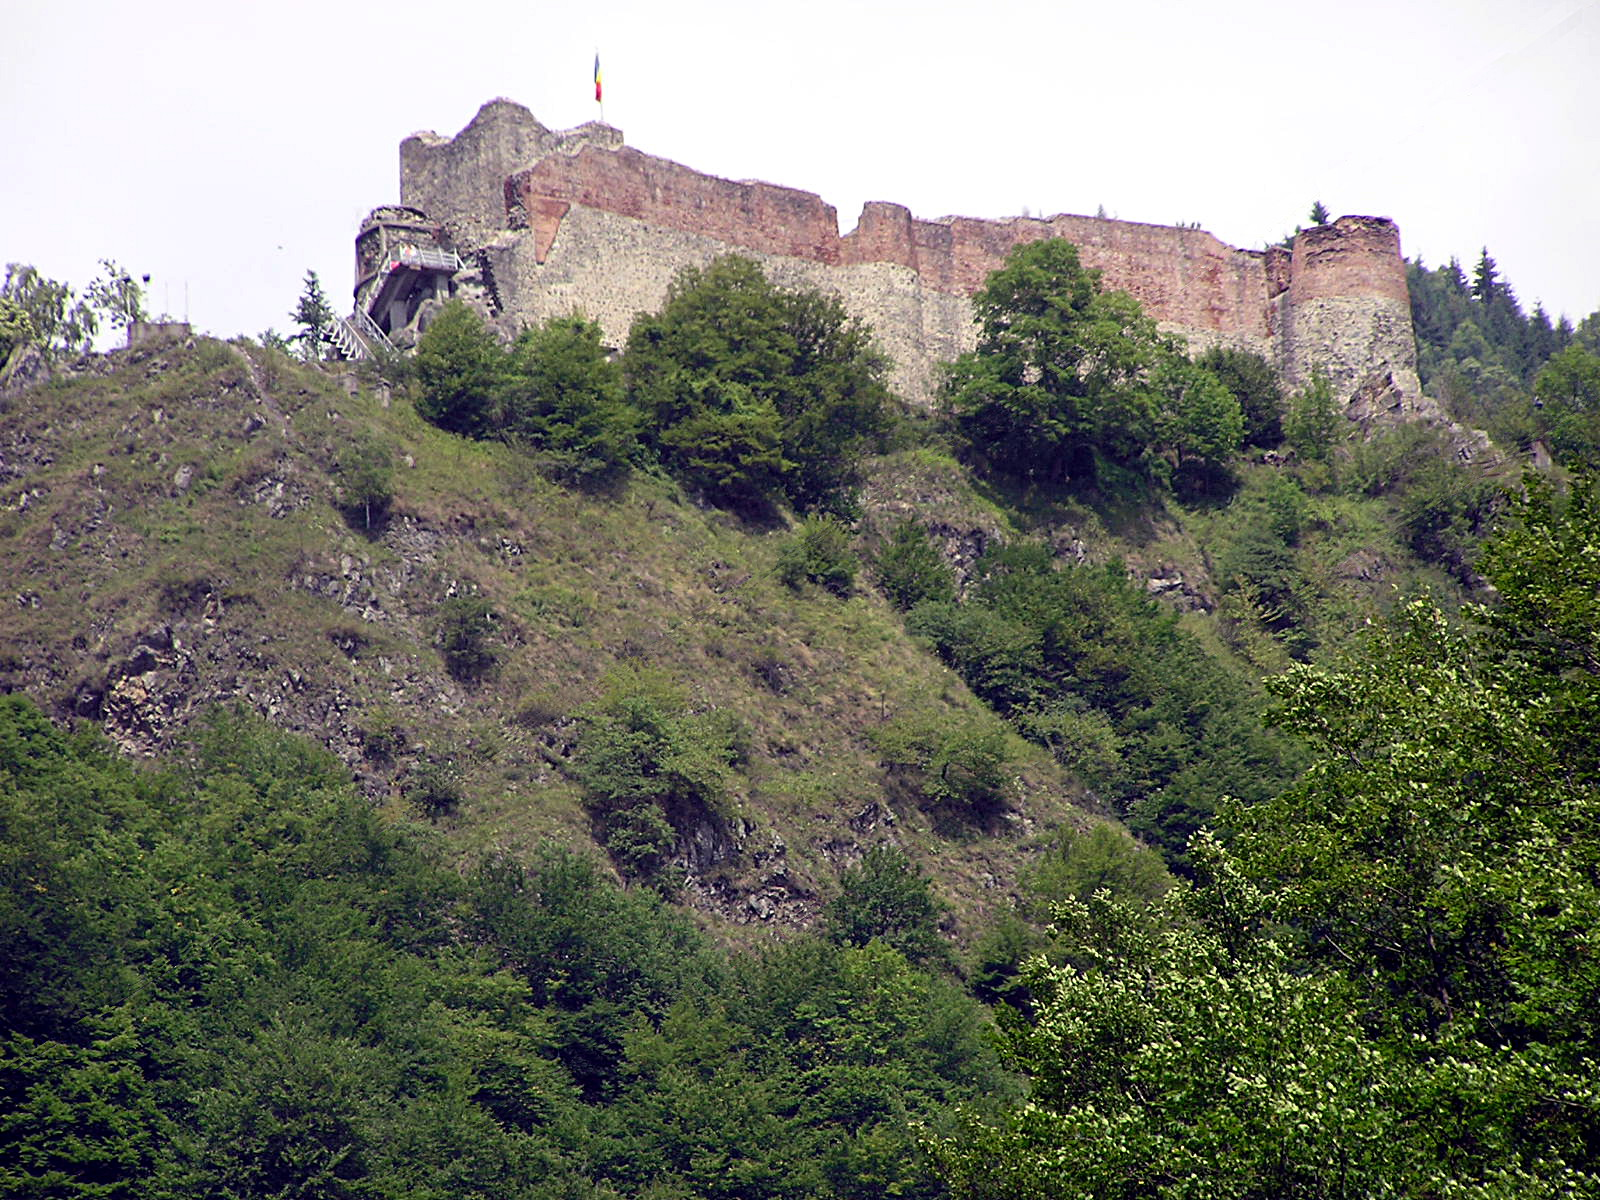 Castelul Poenari ivindu-se pe culmea muntelui